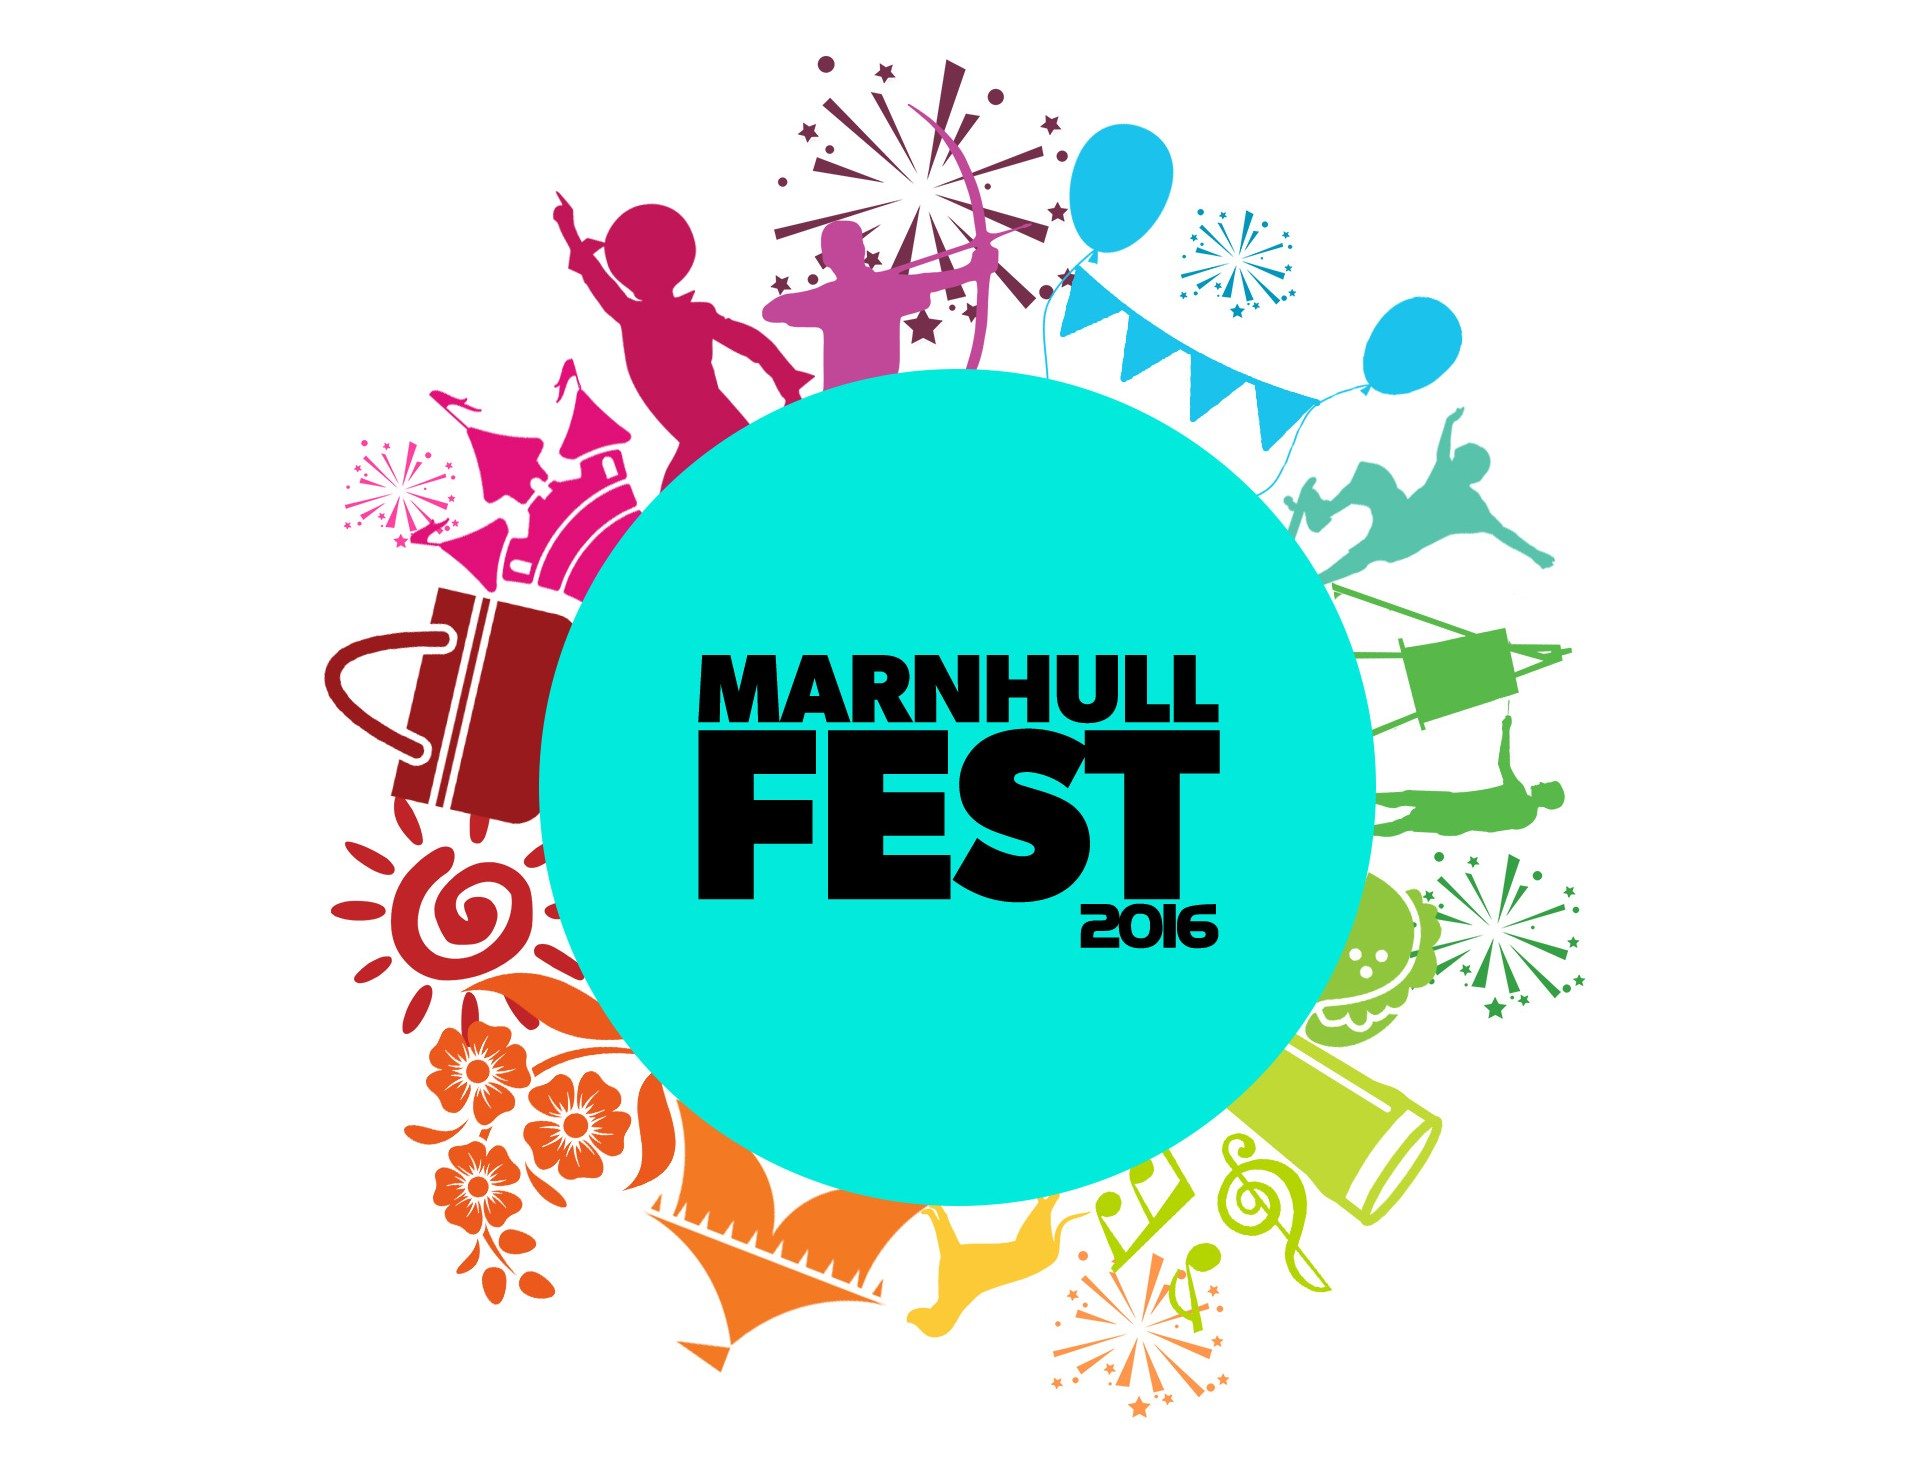 New Marnhull Fest Logo